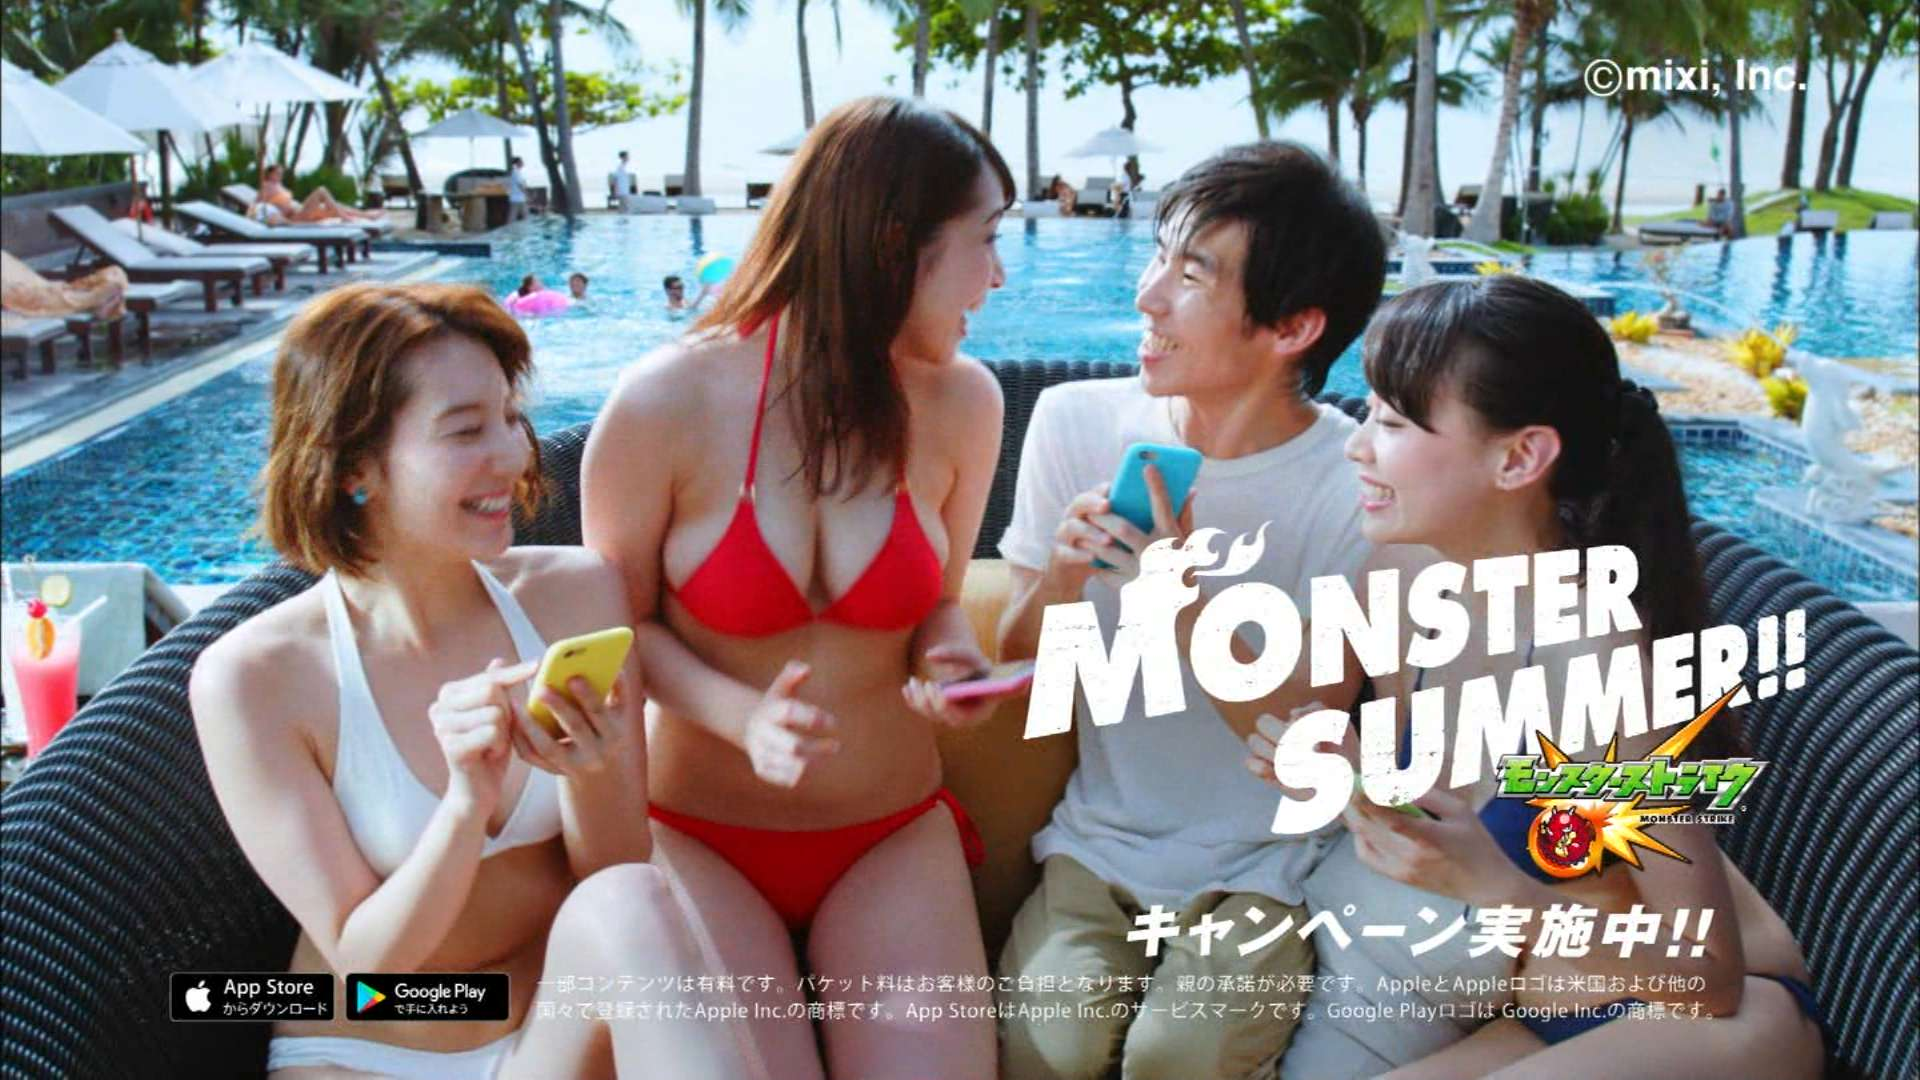 モンストの水着(ビキニ)CMのおっぱい最高! 画像11